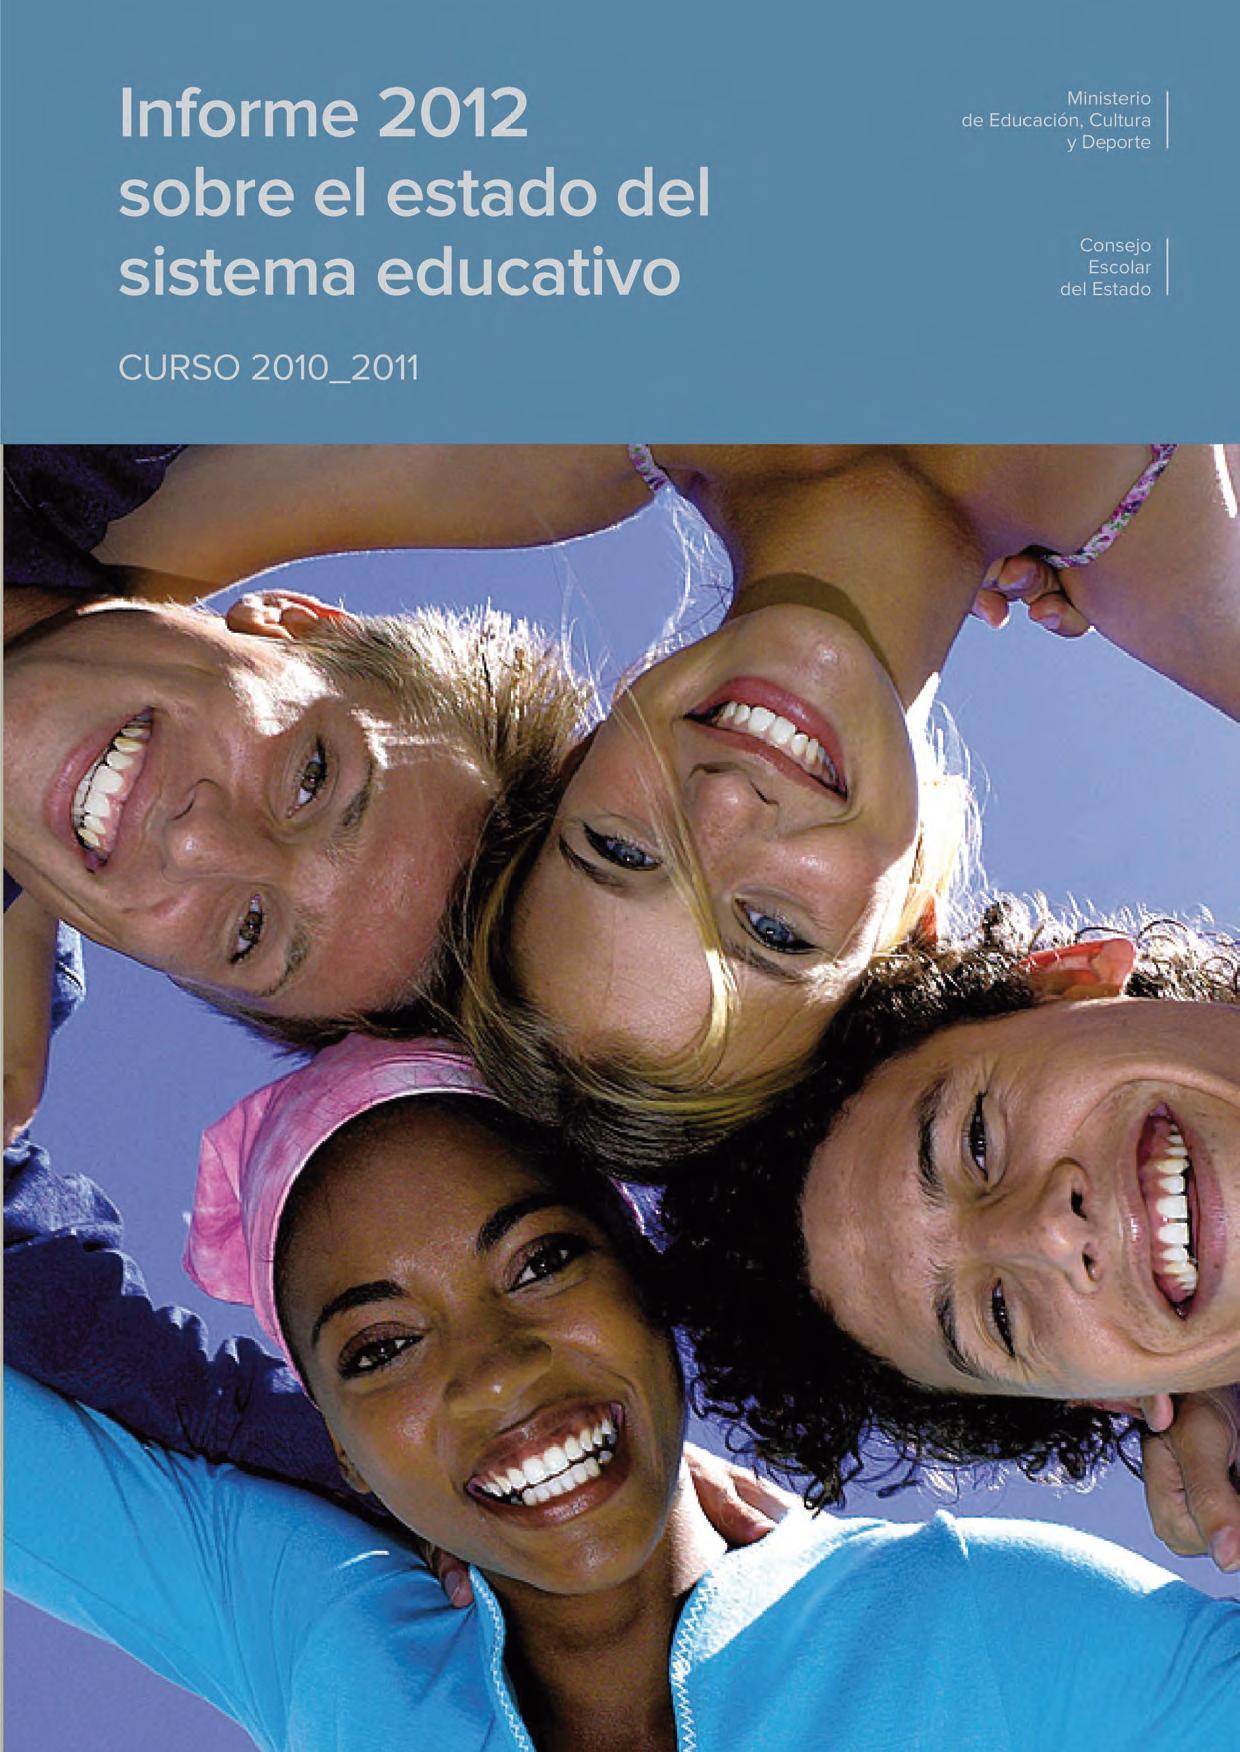 Portada Informe 2012. Consejo Escolar del Estado